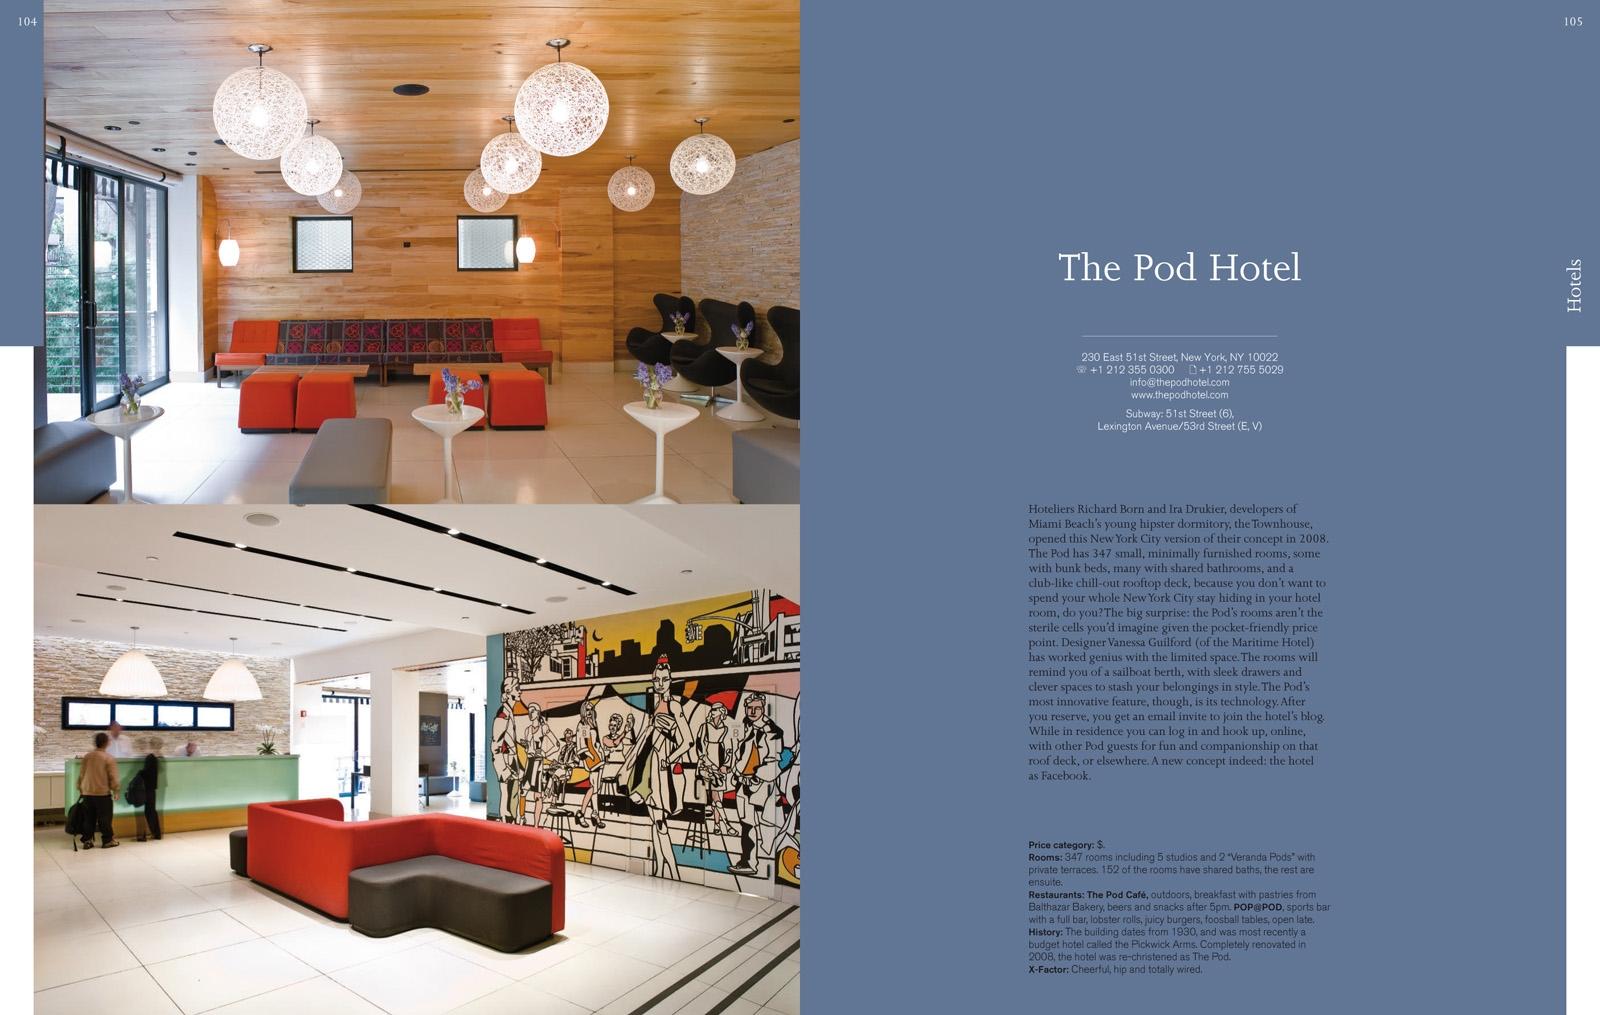 The Pod Hotel